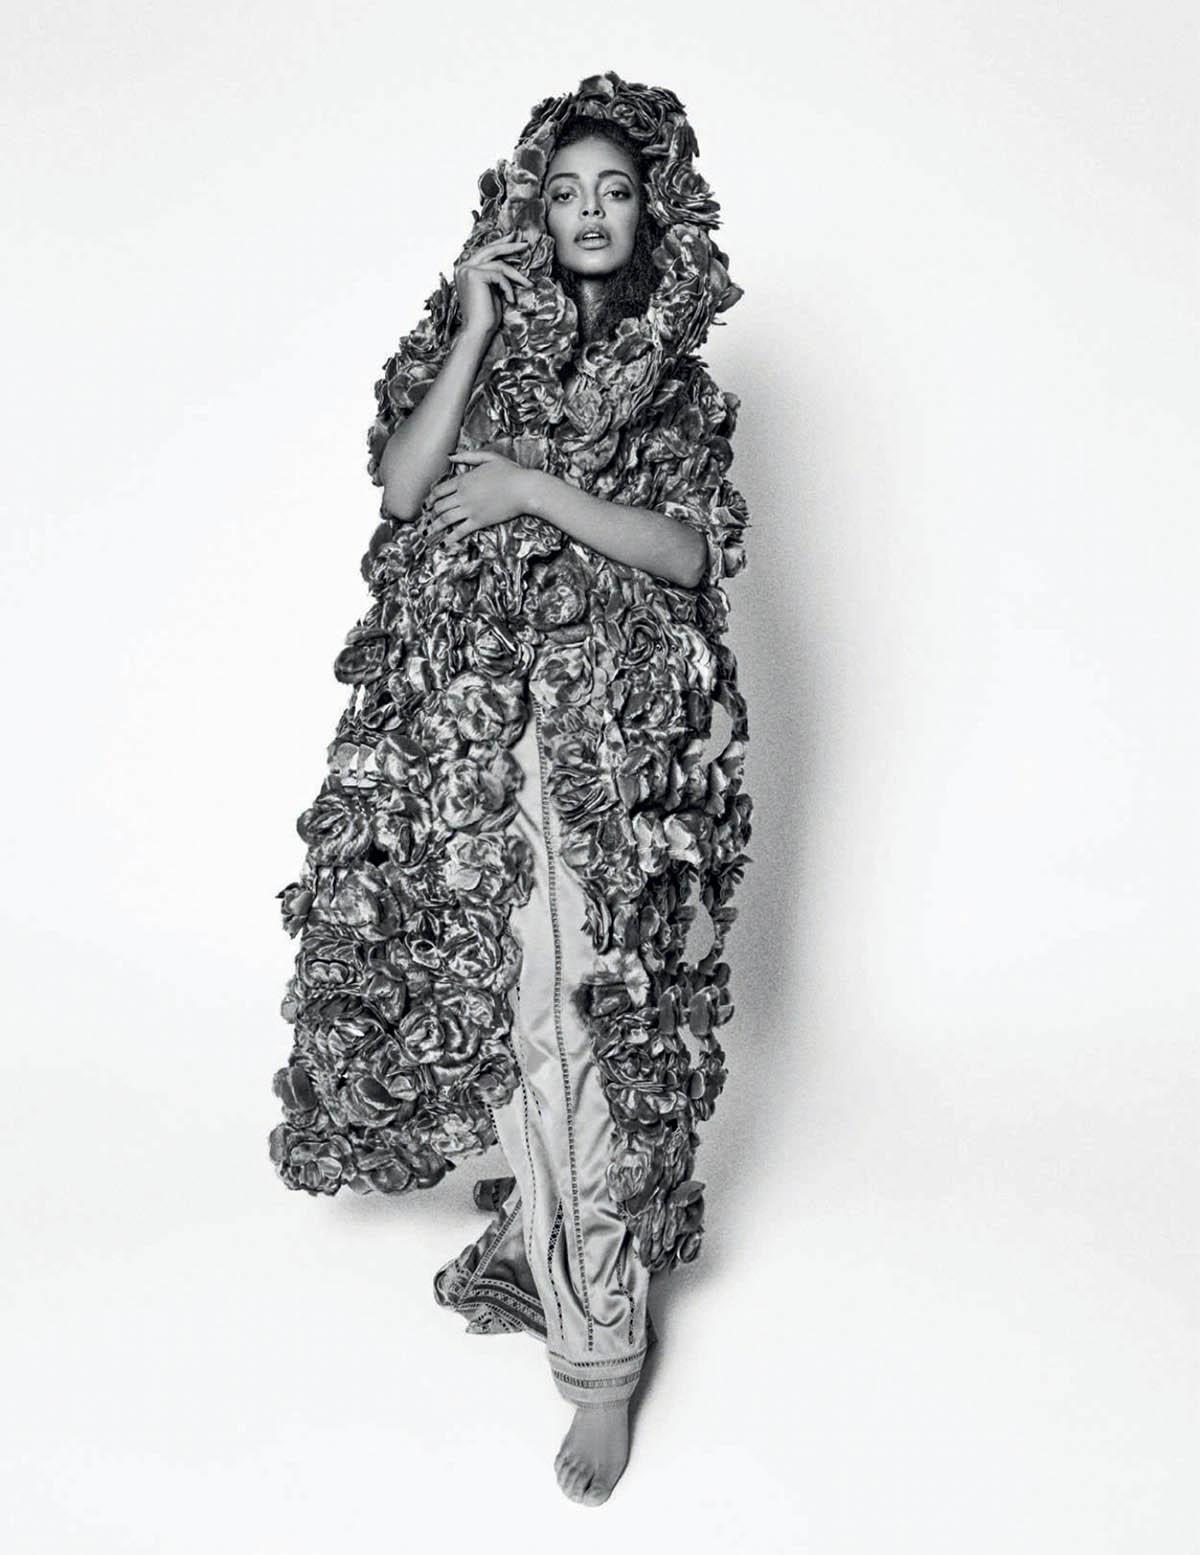 Kesewa Aboah covers Harper's Bazaar Spain April 2021 by Rosa Copado